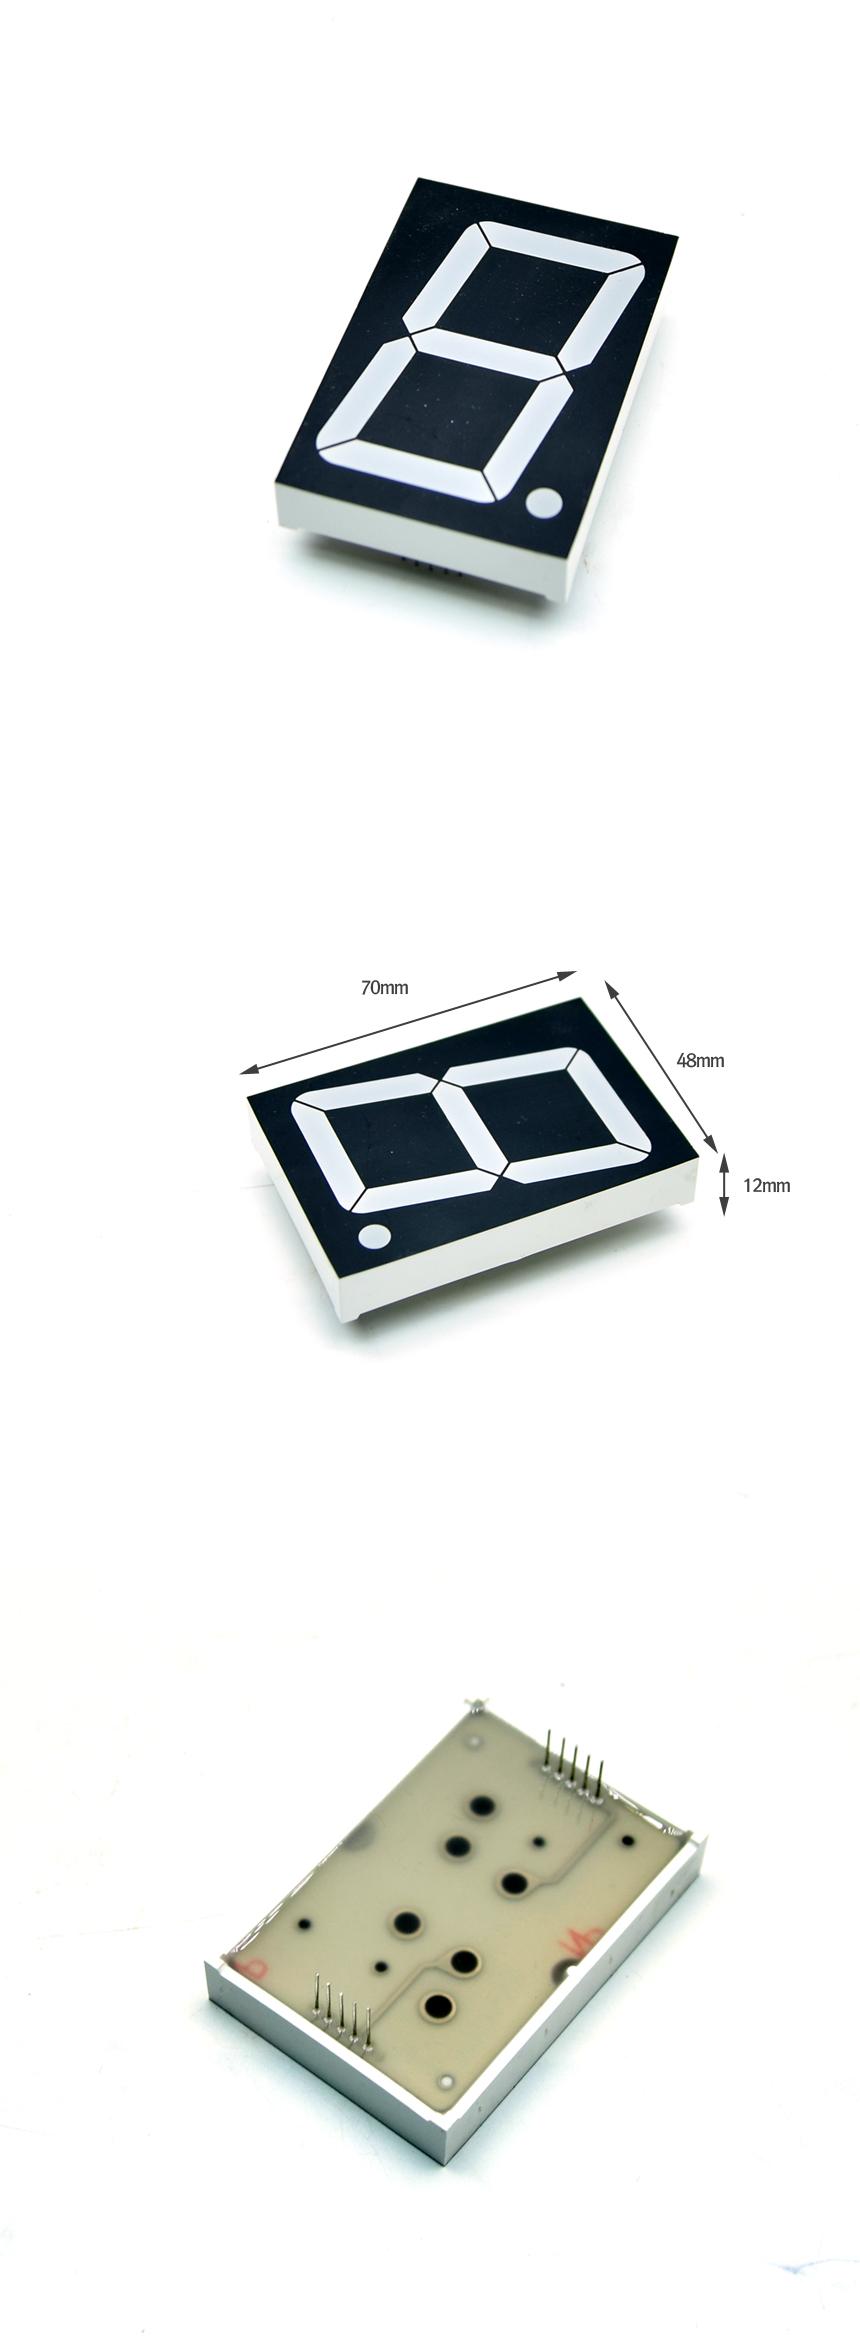 불용재고/수량한정특가 대형 FND (70x48mm) 1개